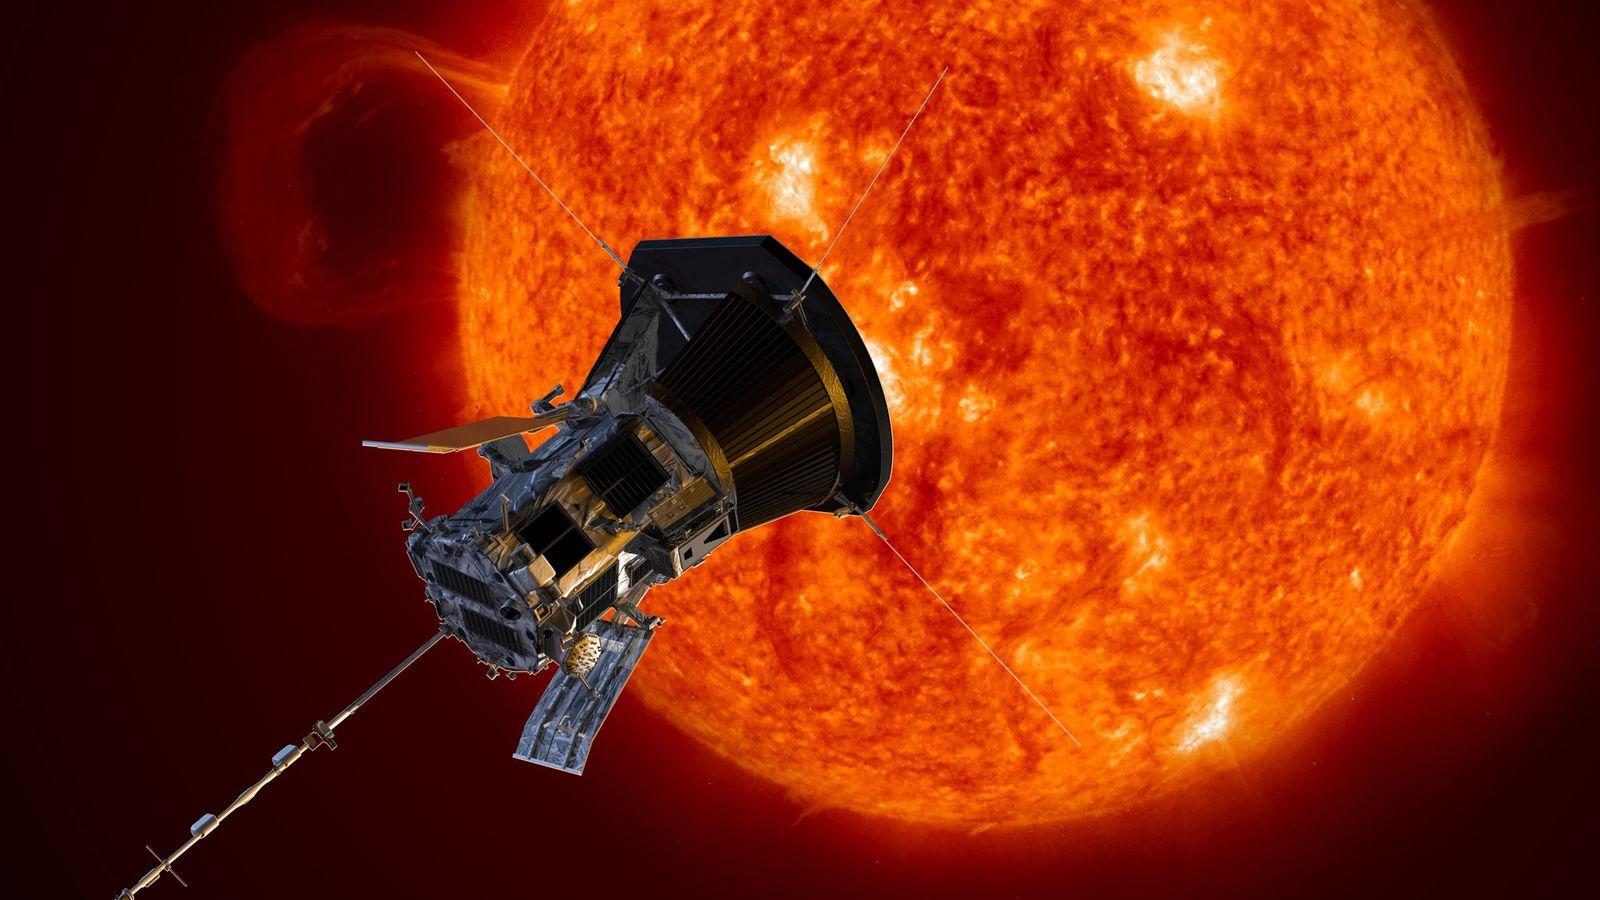 Cette illustration représente la sonde solaire Parker à l'approche du Soleil. Lancée en 2018, cette sonde ...